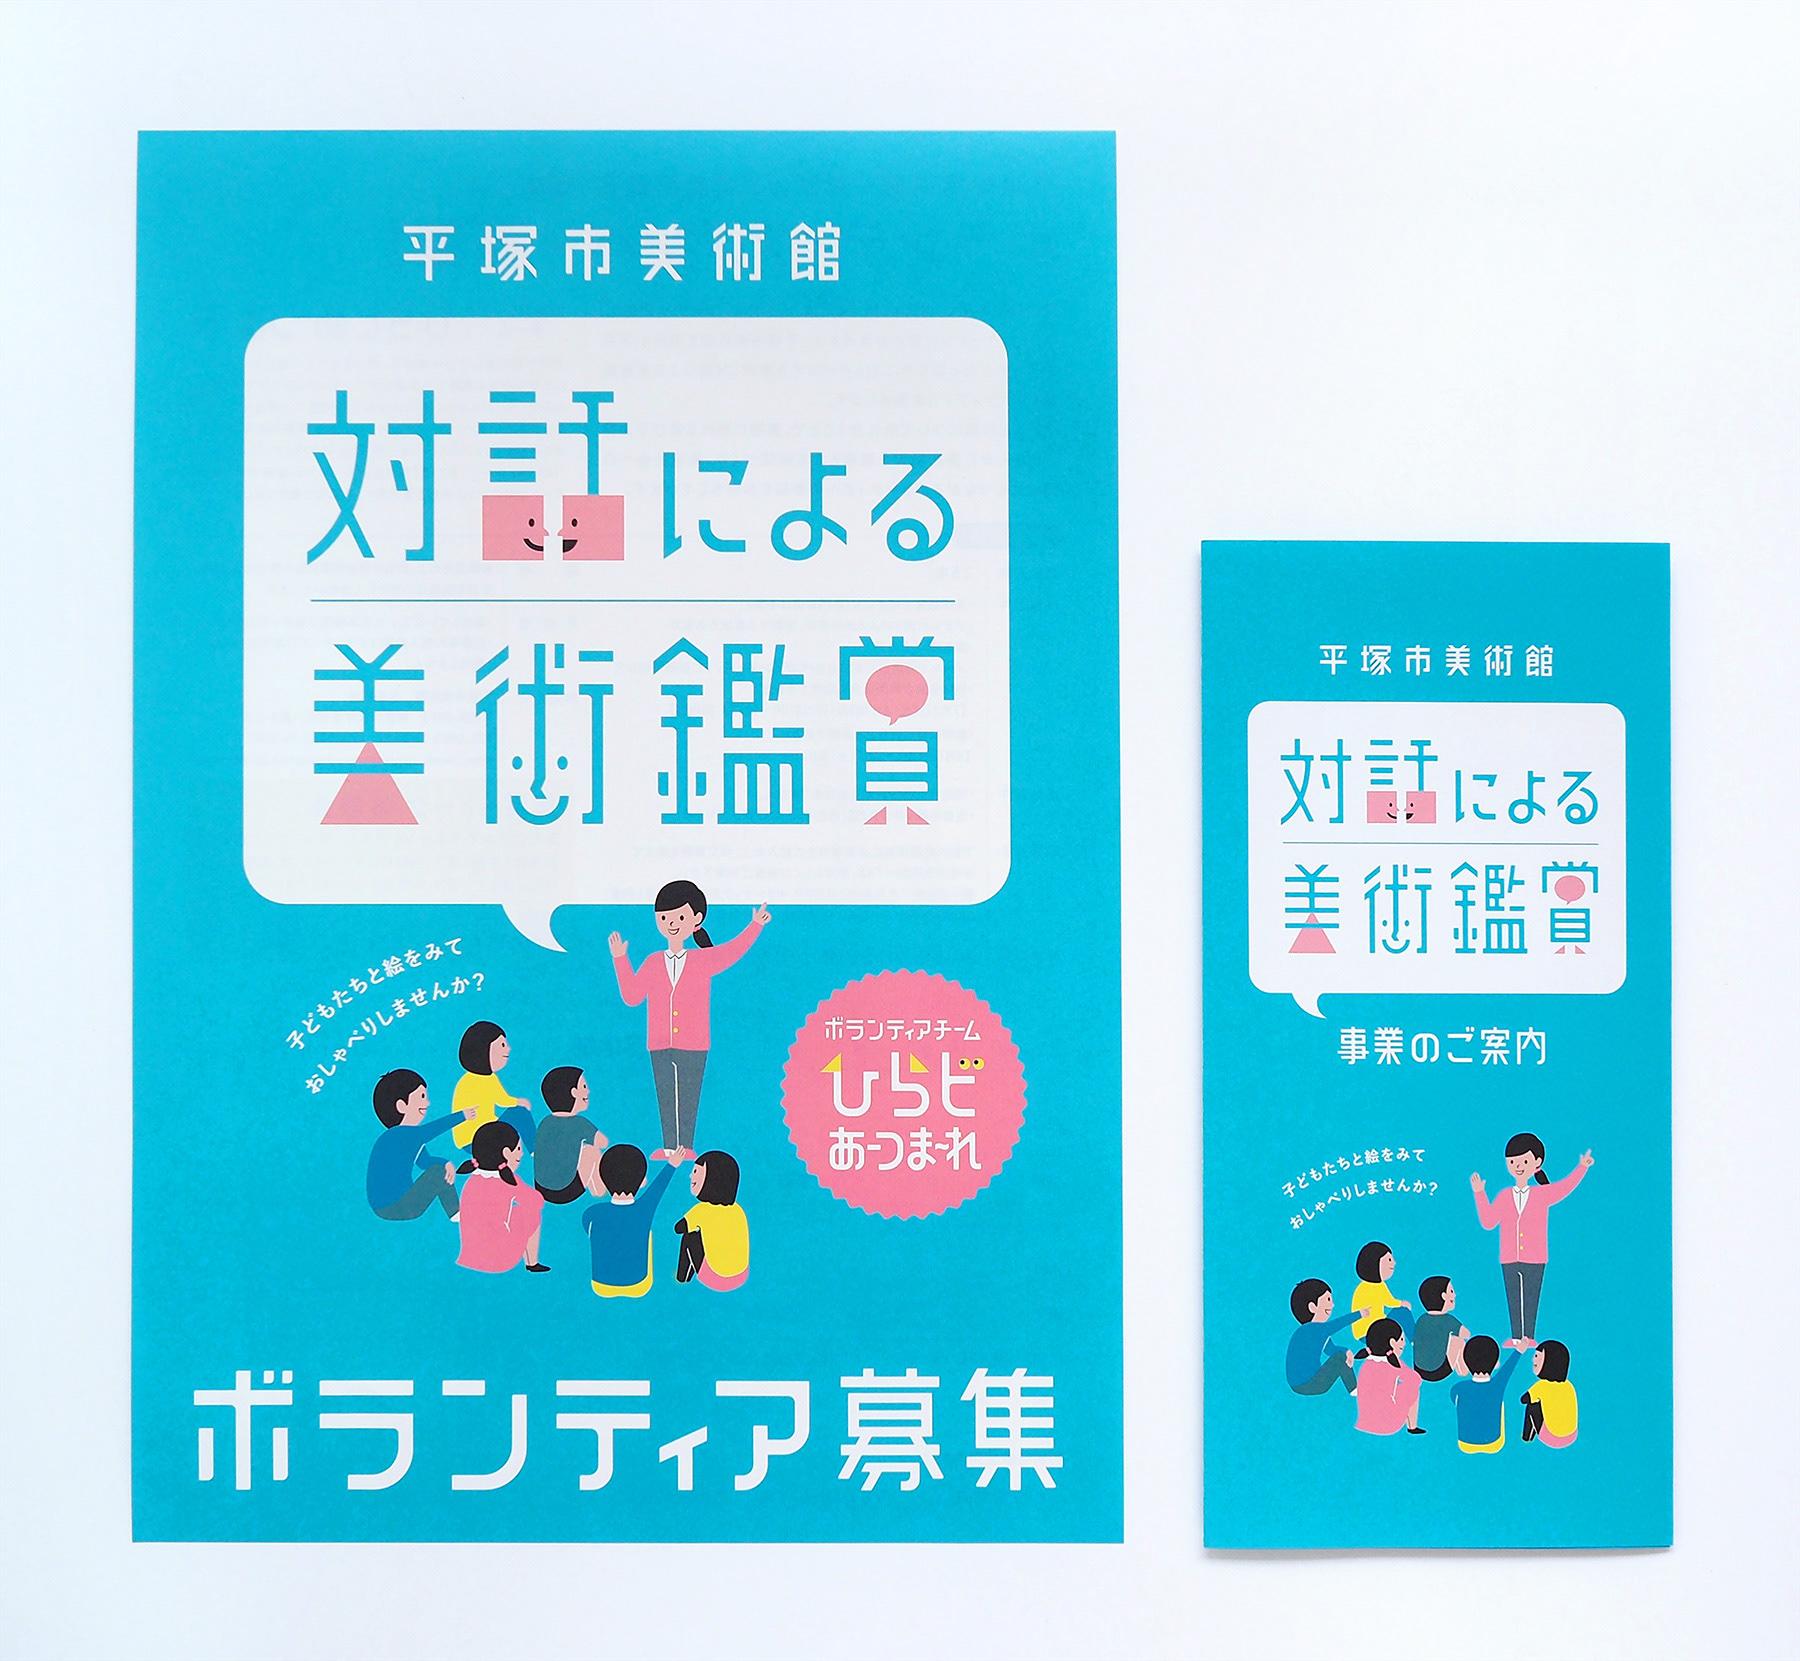 Hiratsuka Museum 美术馆标志设计欣赏,Appreciation of Art through Dialogue 所属类别:LOGO、标志、文化、艺术 - 任刚 · Ren Gang 世界设计 · 设计世界